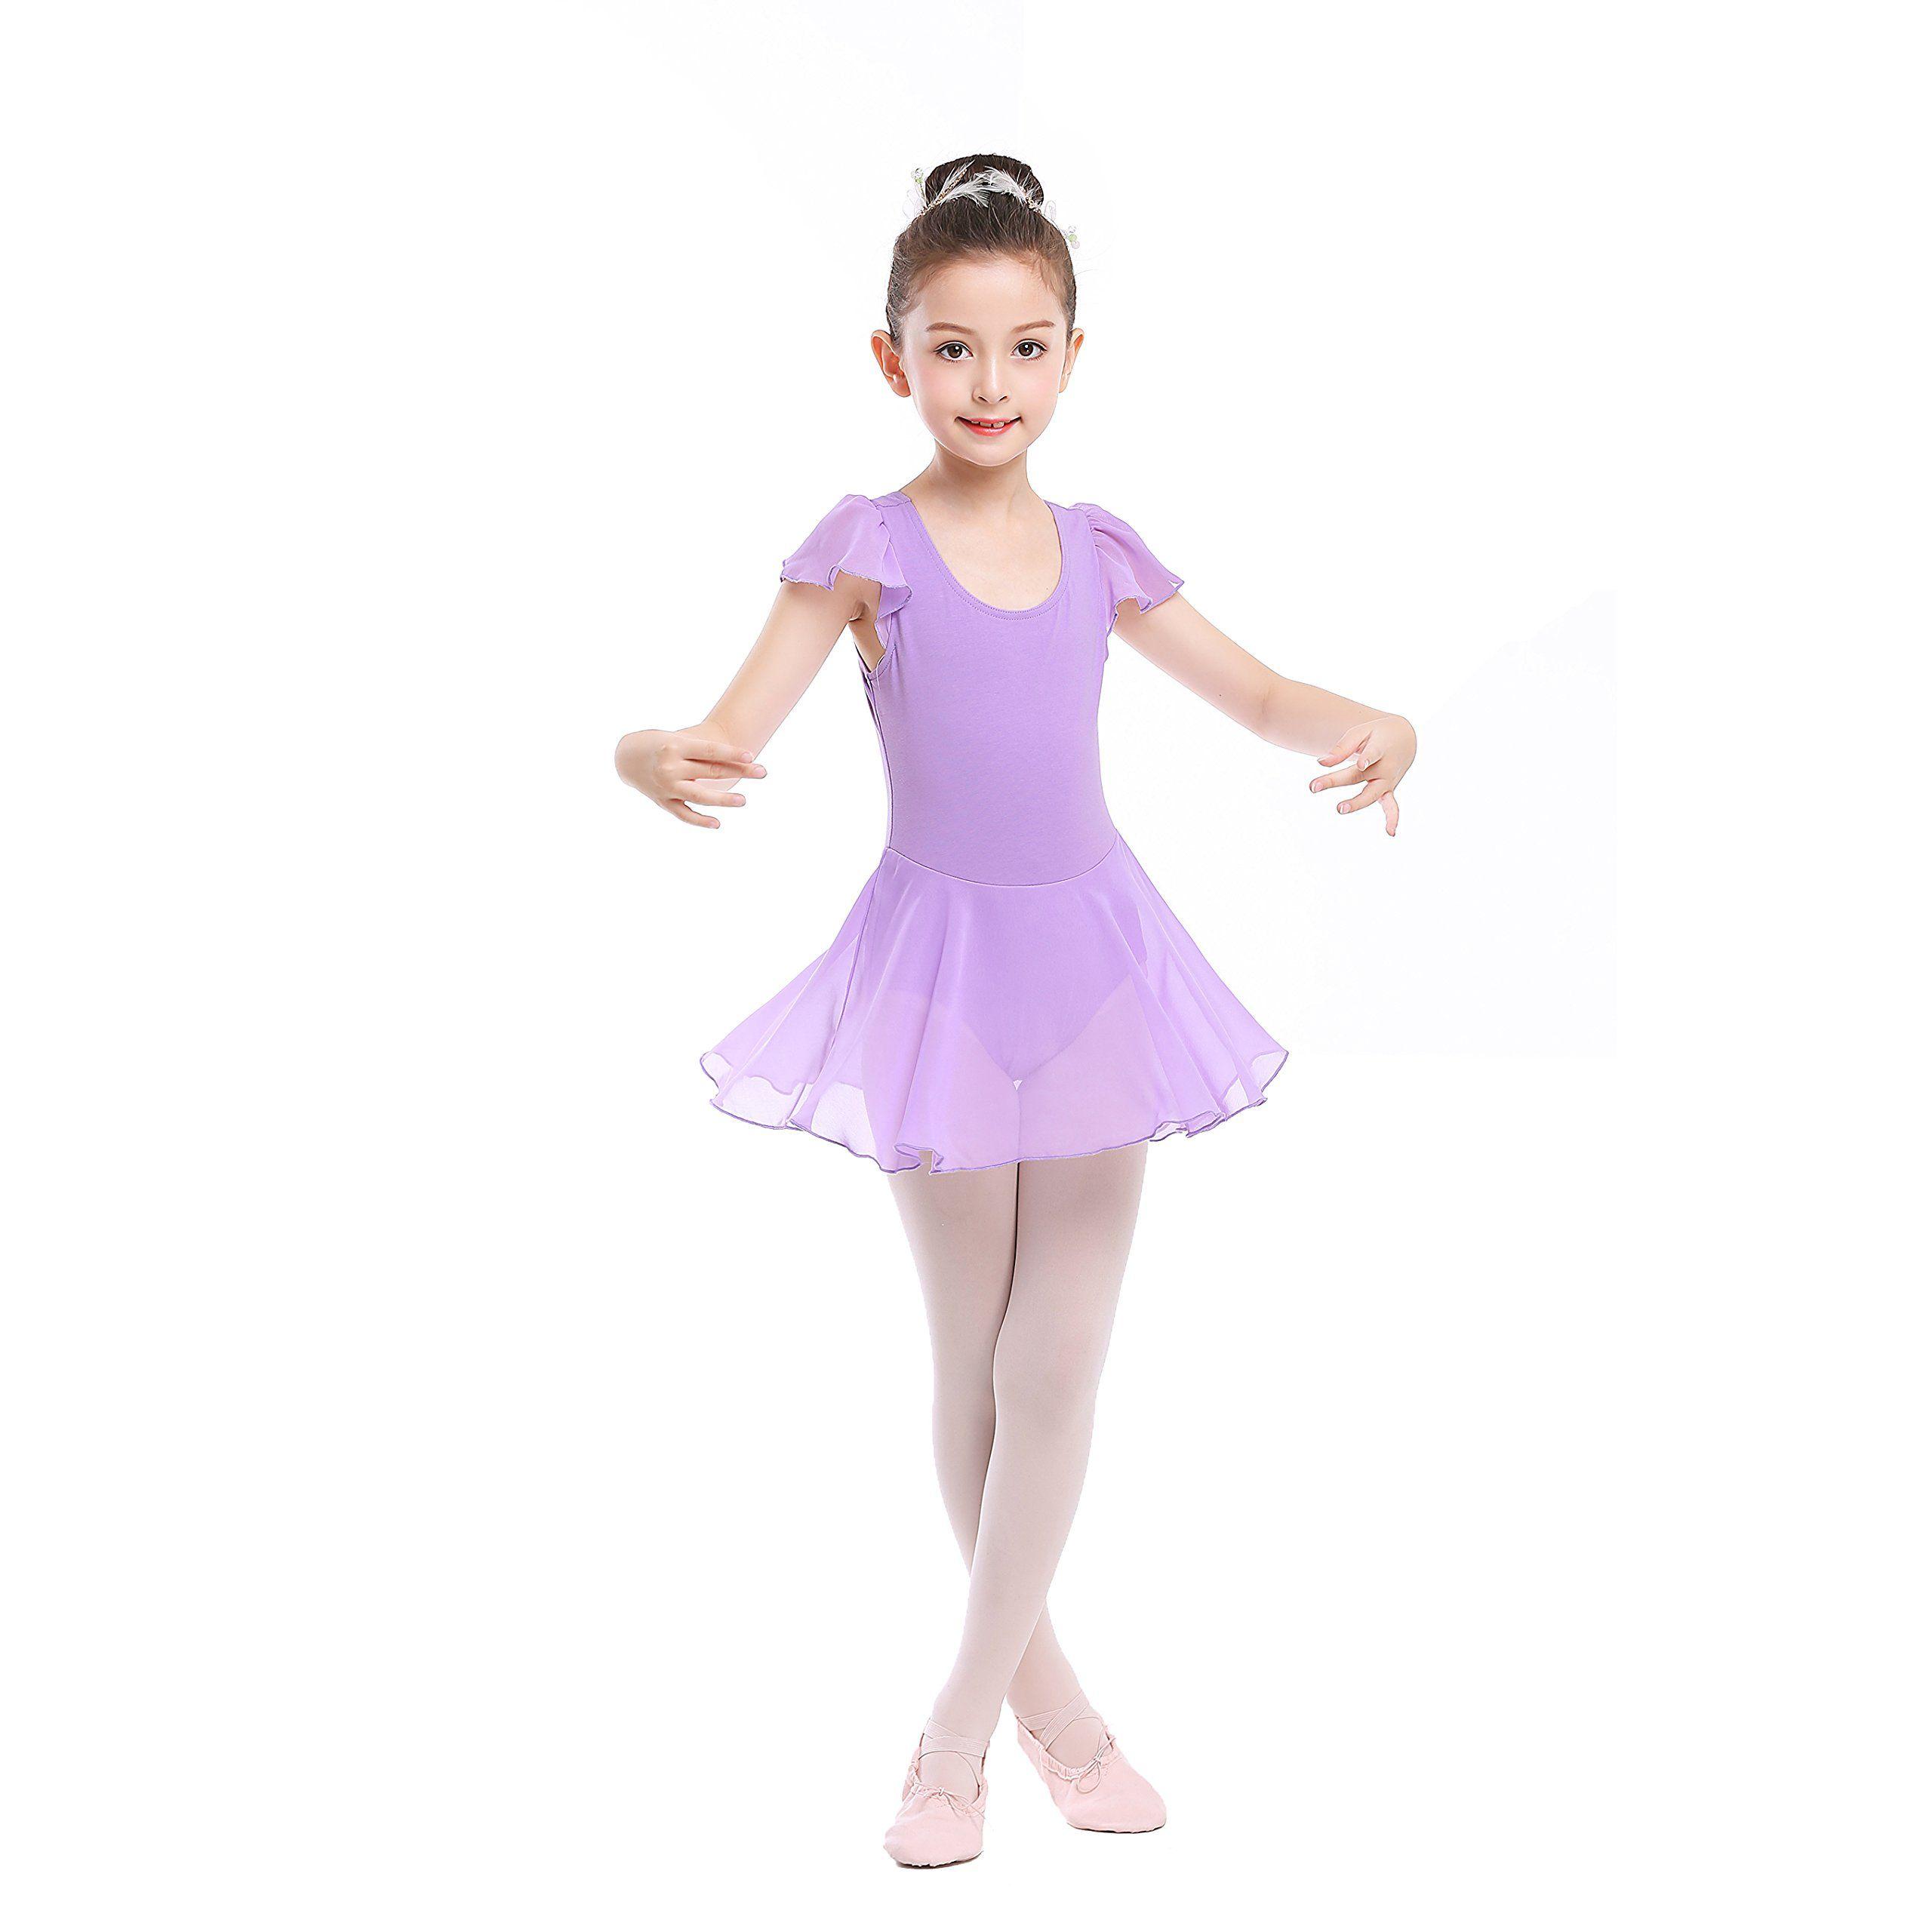 3fbaf7b8d Stelle Girls  Cotton Ruffle Short Sleeve Dress Leotard for Dance ...